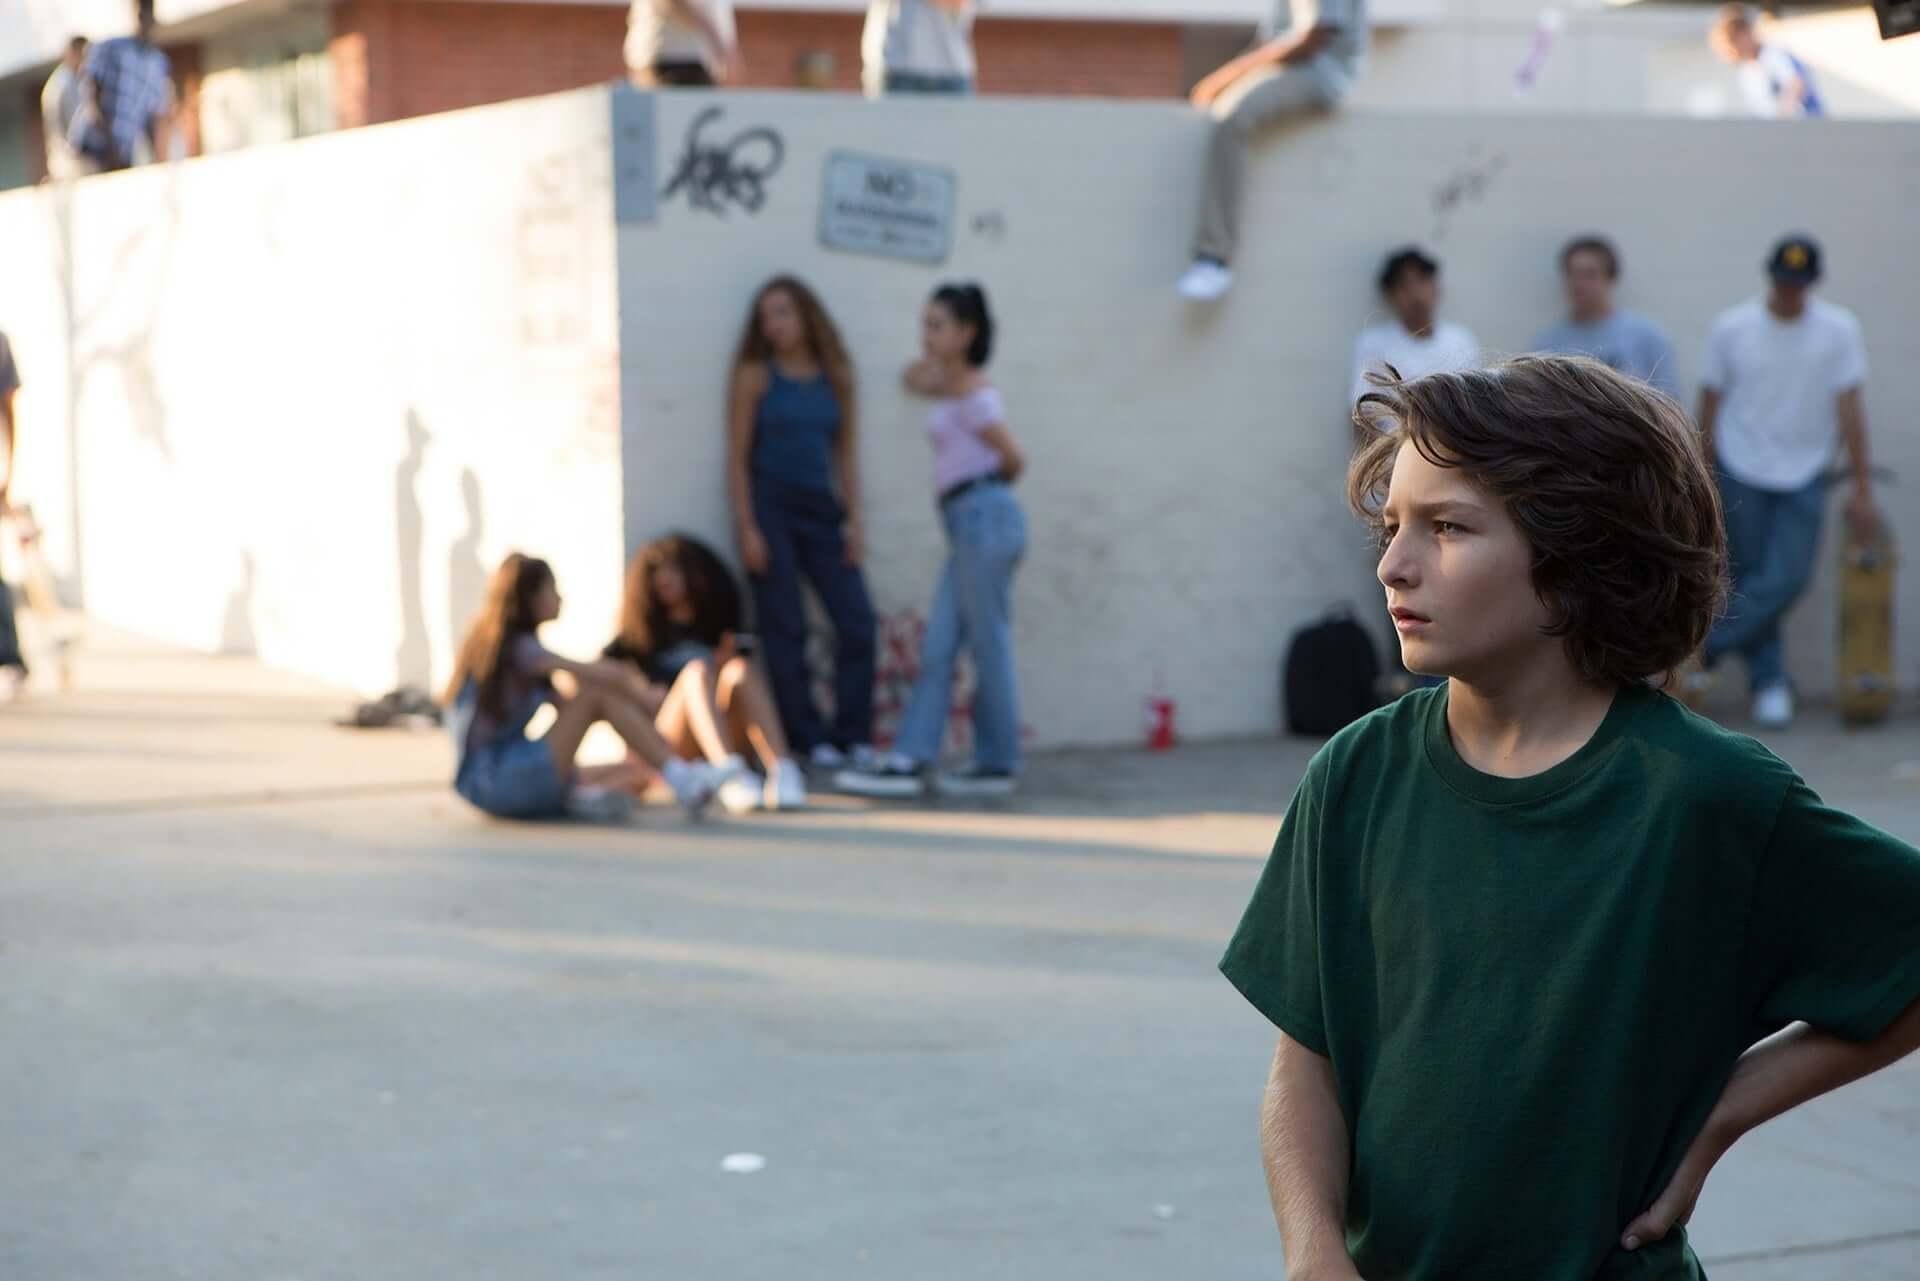 ジョナ・ヒルがA24とタッグを組んだ初監督作!90年代を舞台に描いた青春映画『mid90s ミッドナインティーズ』本予告映像が解禁 film200730_mid90s_7-1920x1281